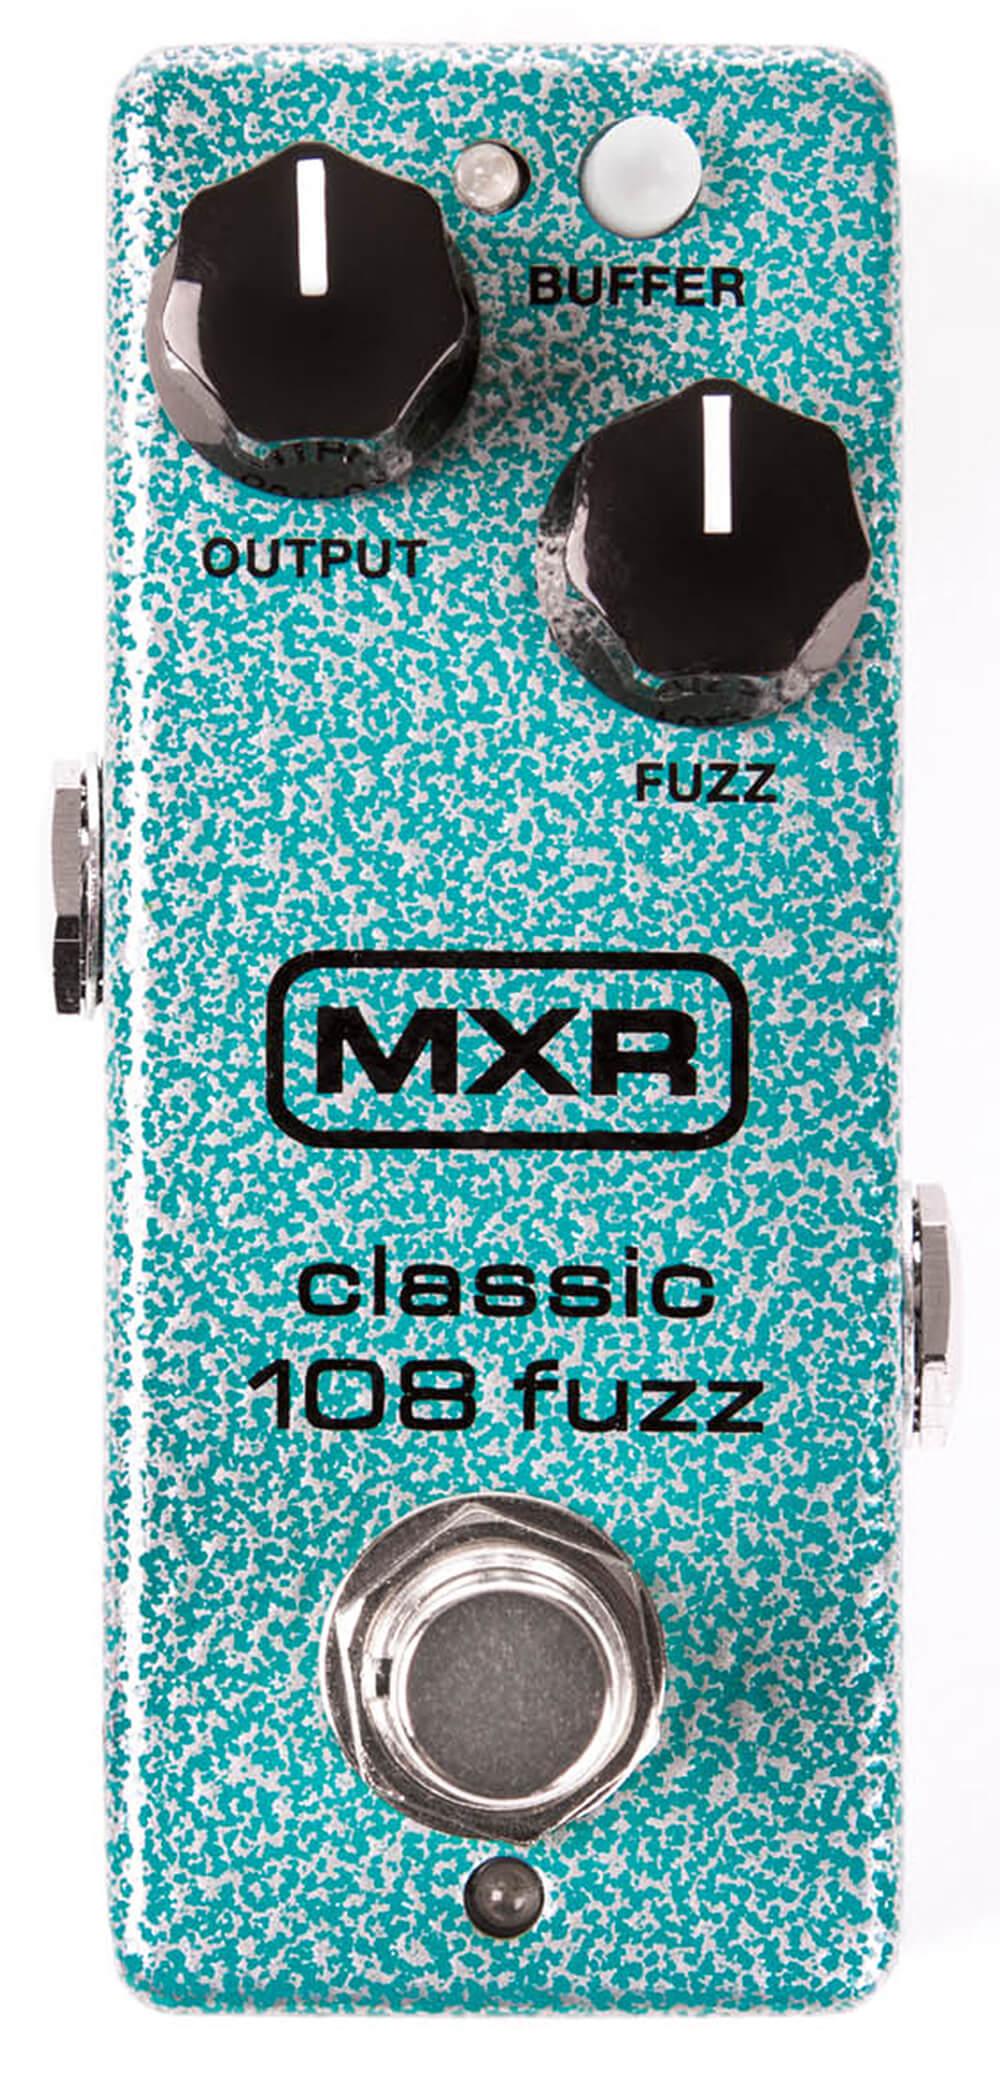 MXR M293 Classic 108 Fuzz Mini